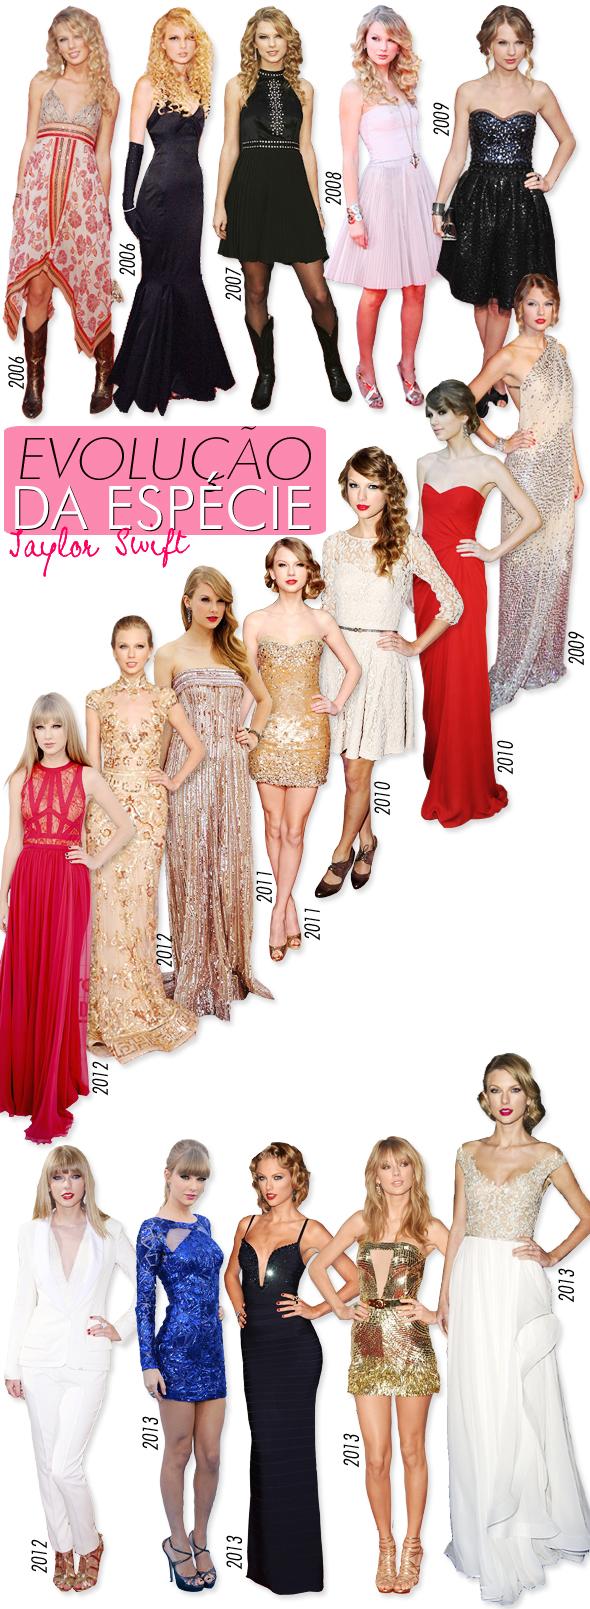 Evolução da Espécie: Taylor Swift